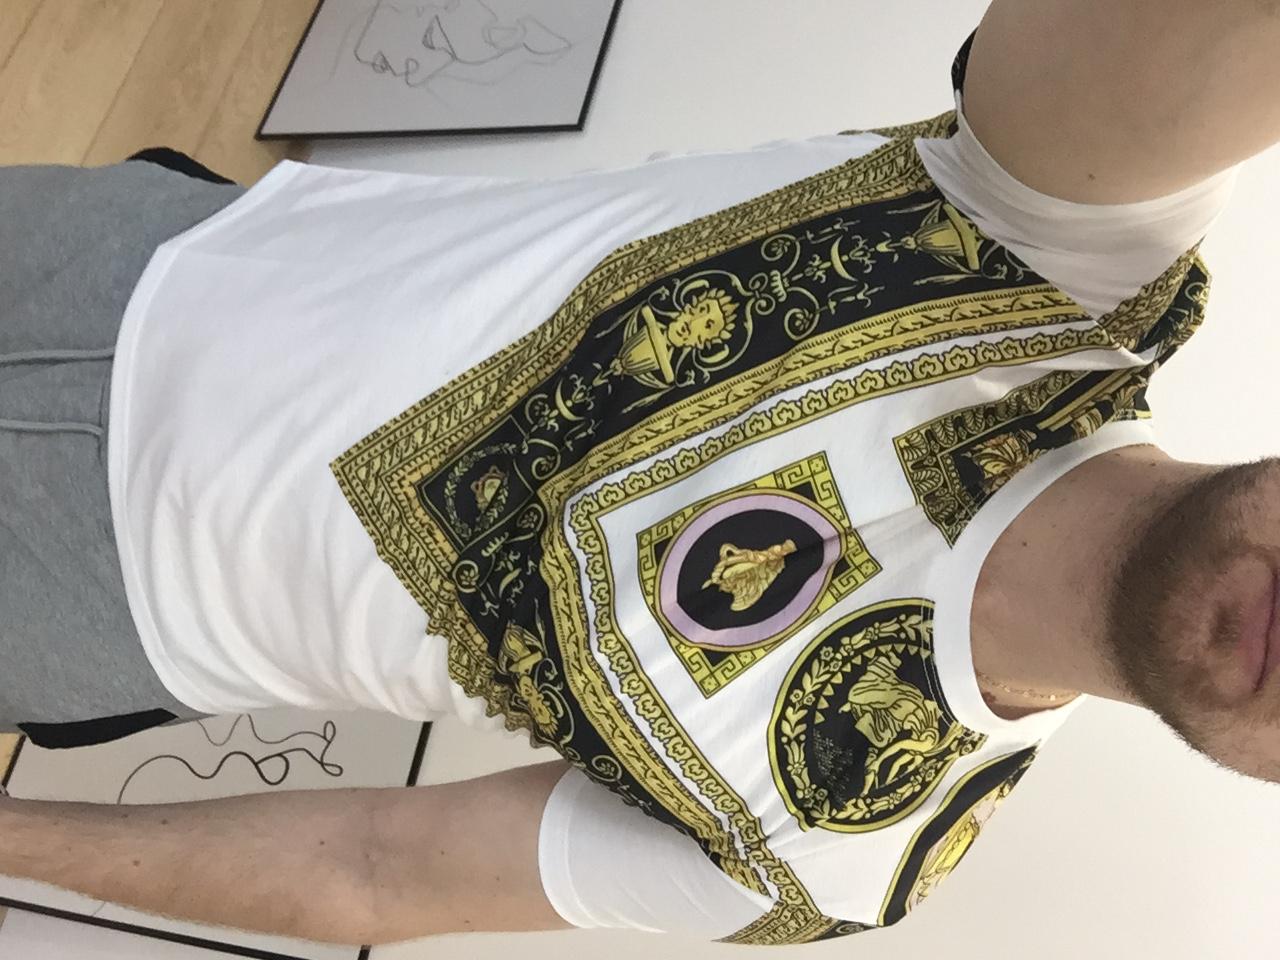 селфи парня в футболке Версаче